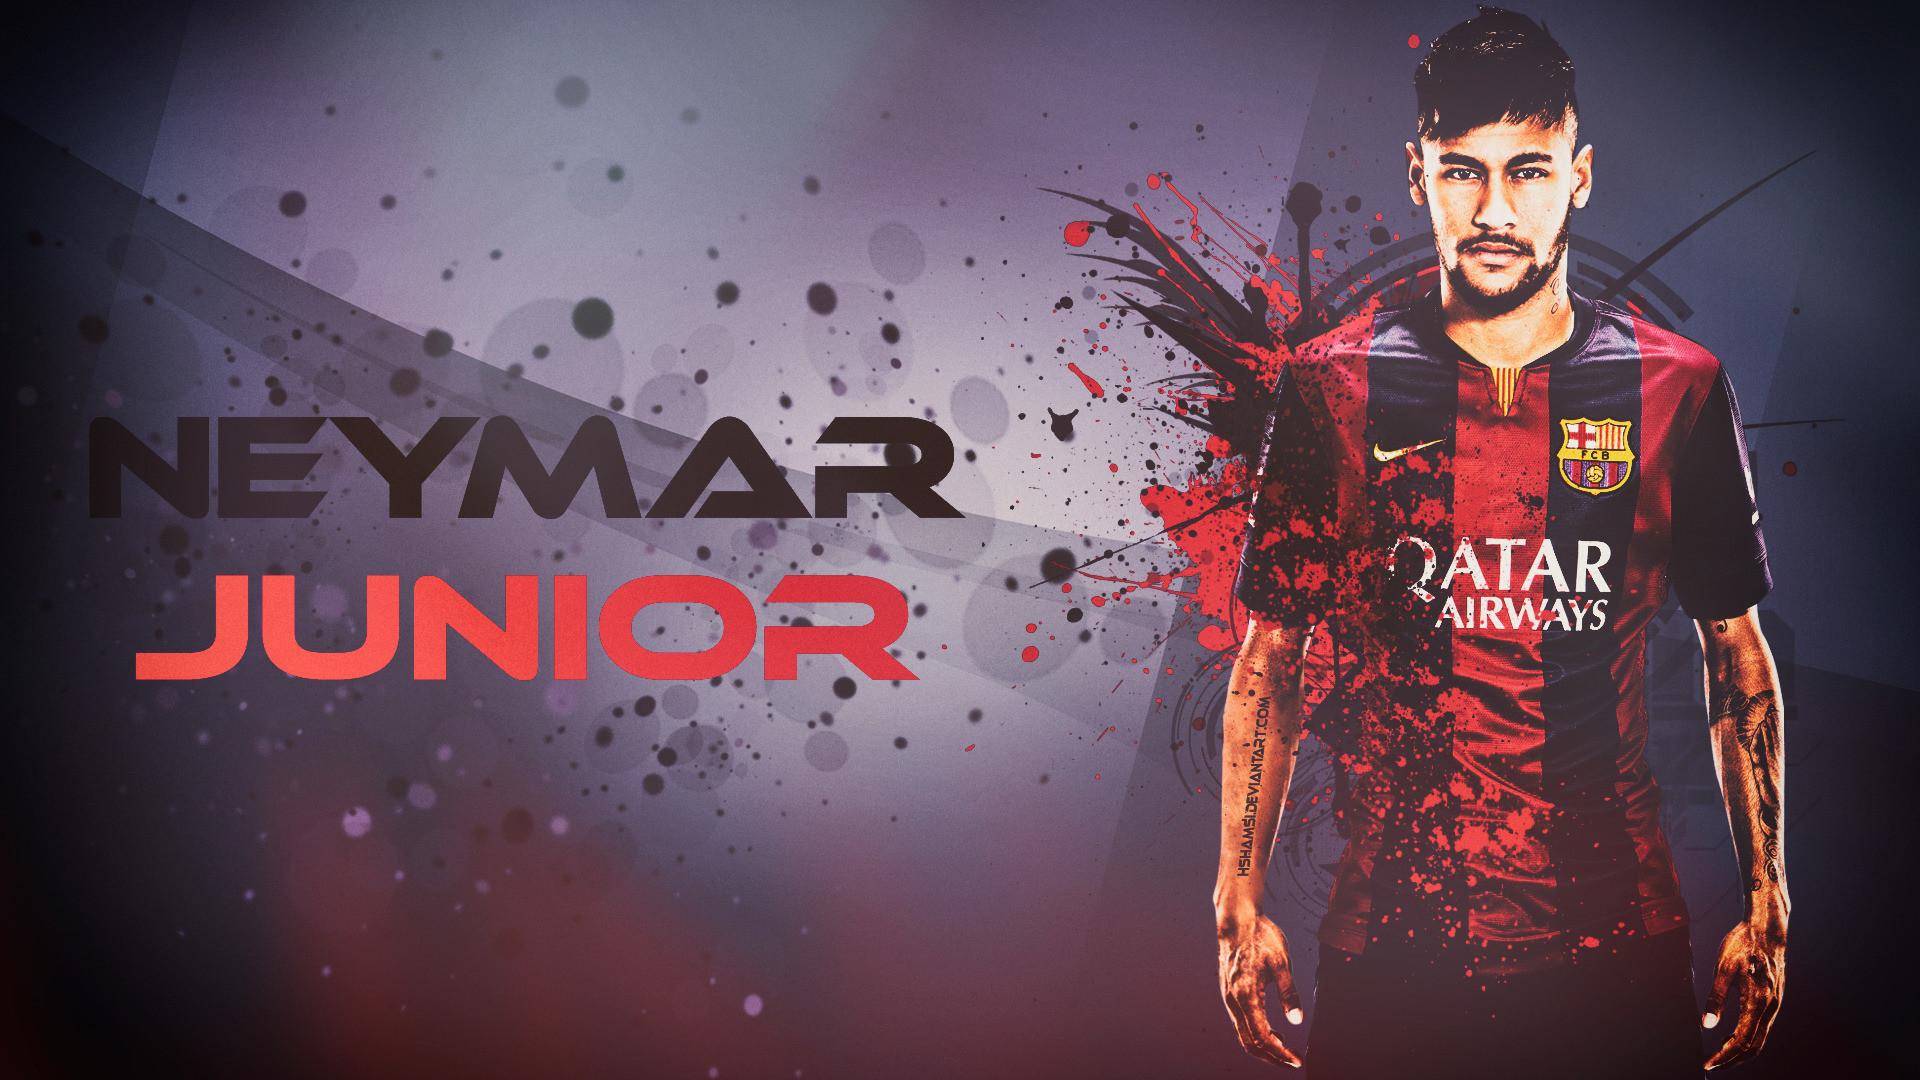 Neymar Junior FC Barcelona Wallpaper